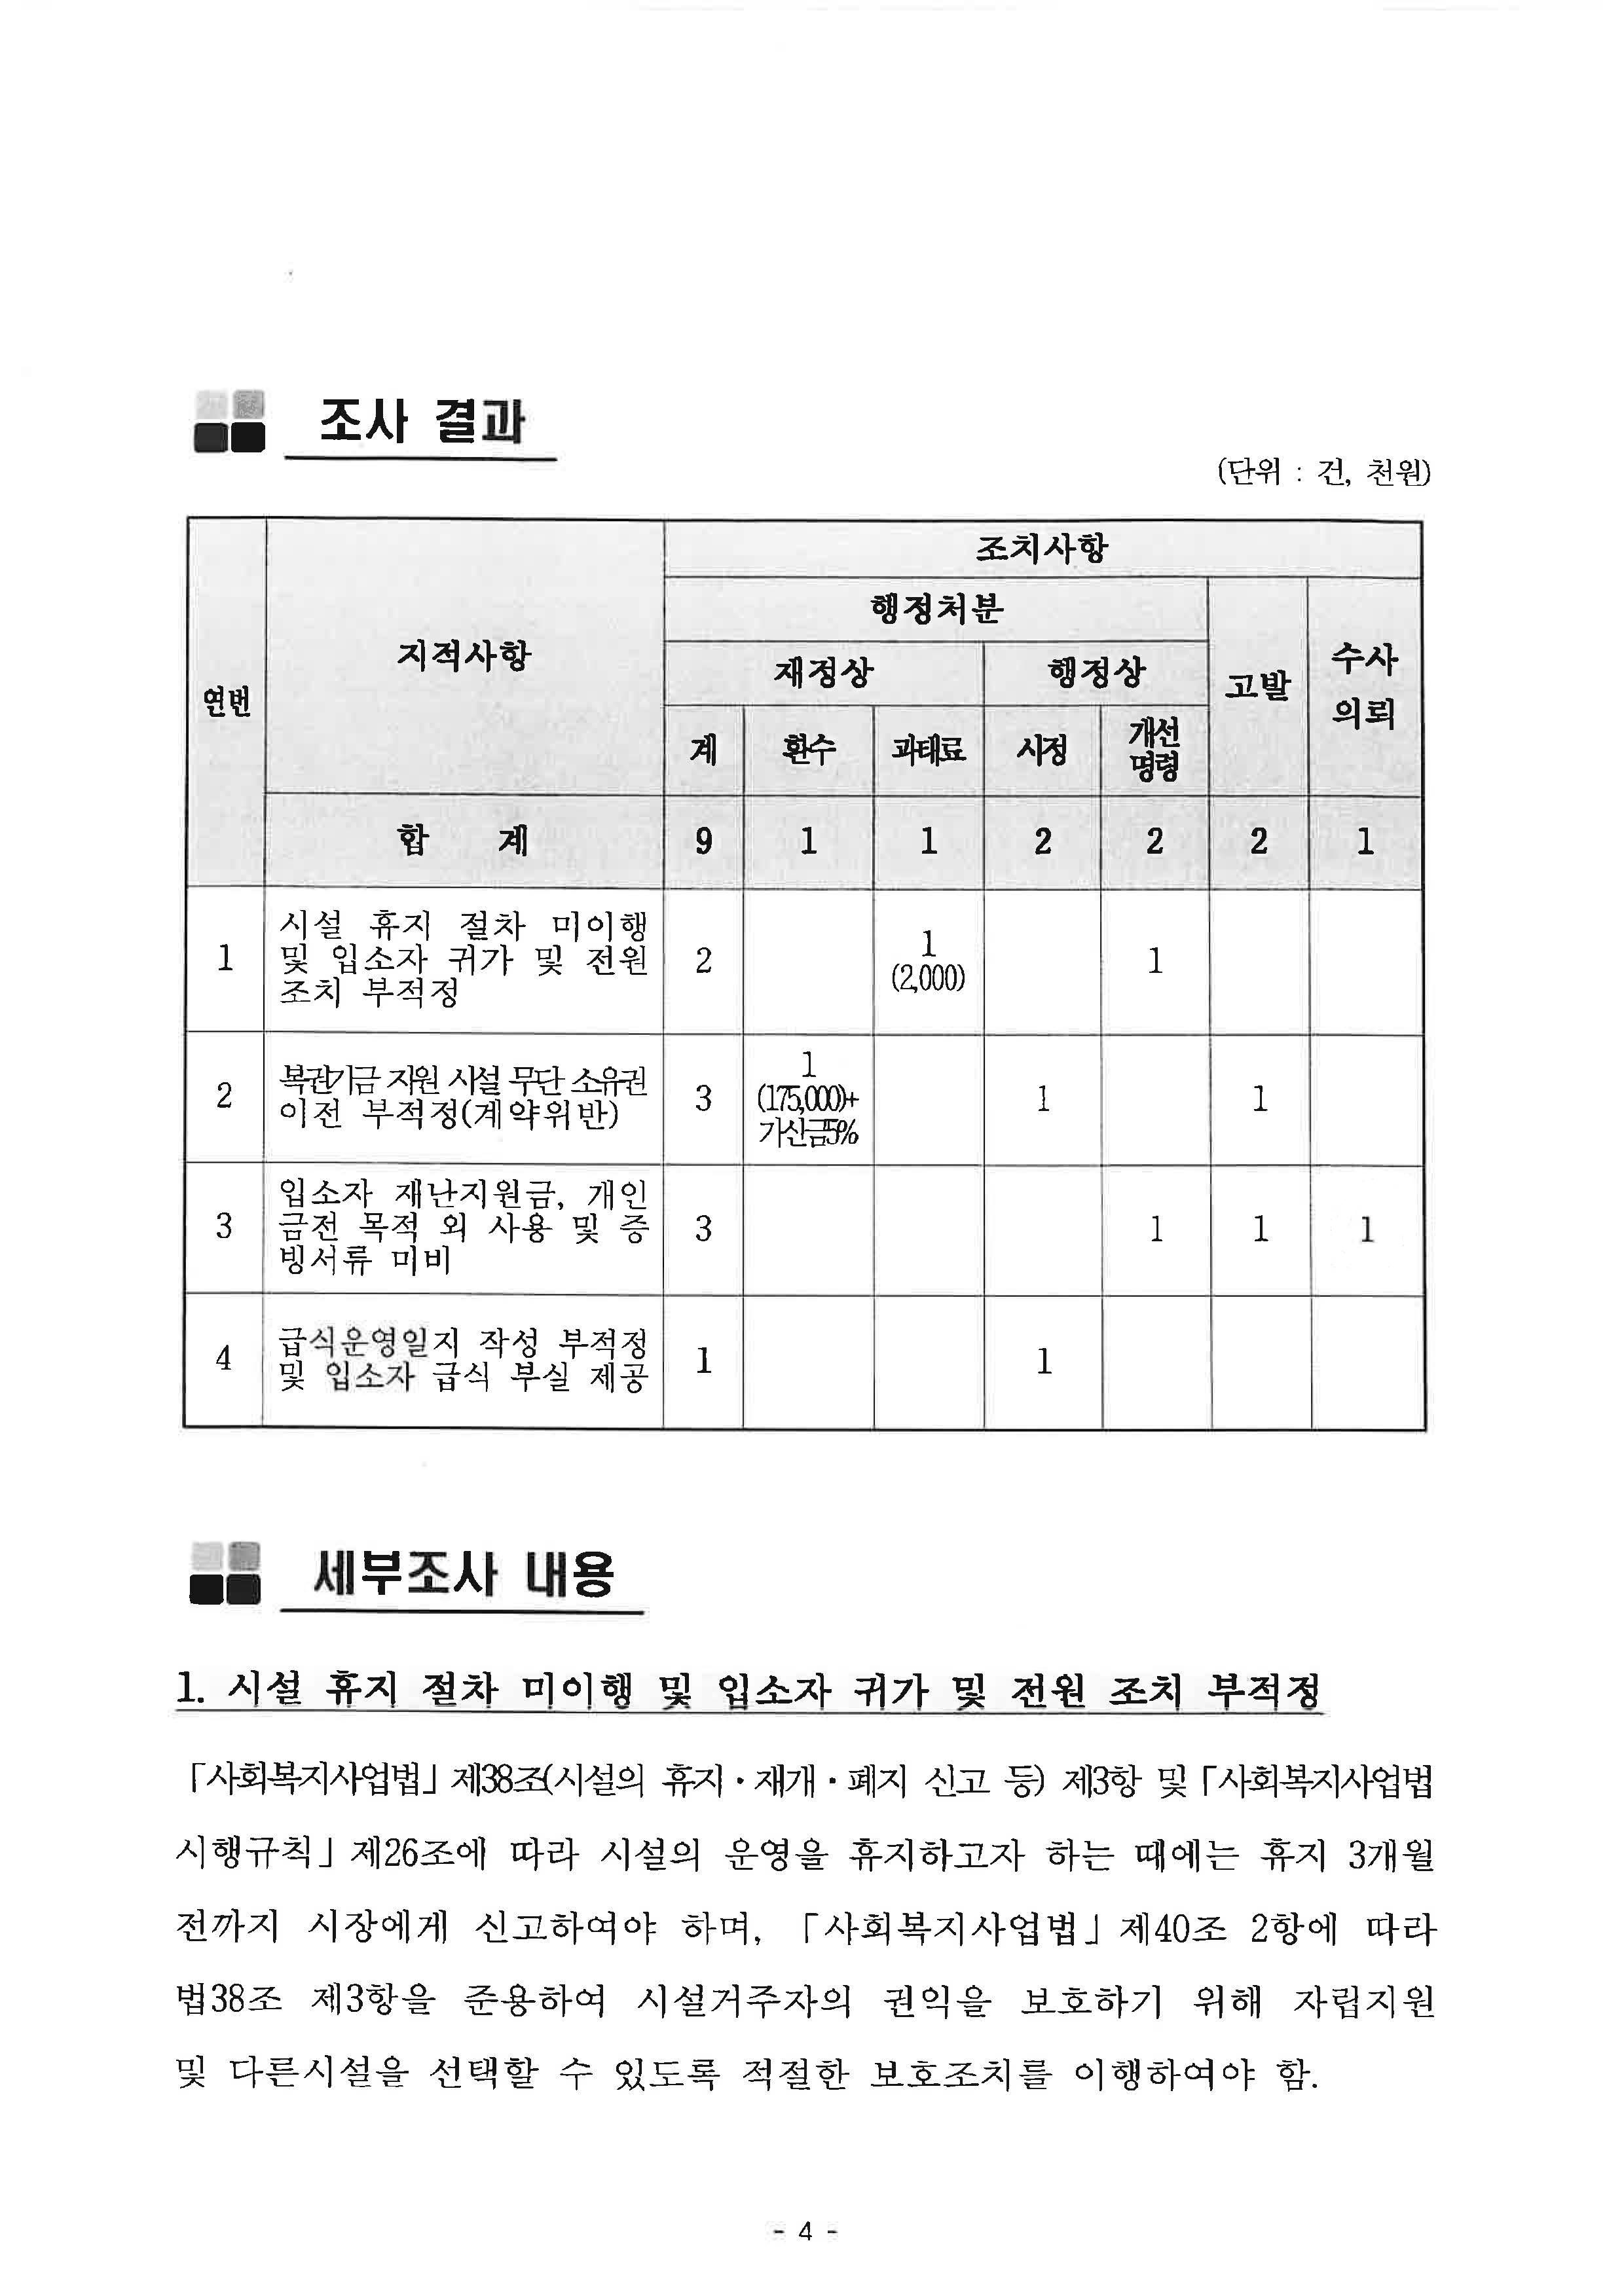 정읍시 노인장애인과-36698(2020.11.2)호_장애인거주시설(행복의집)특별조사 결과 보고_페이지_4.jpg